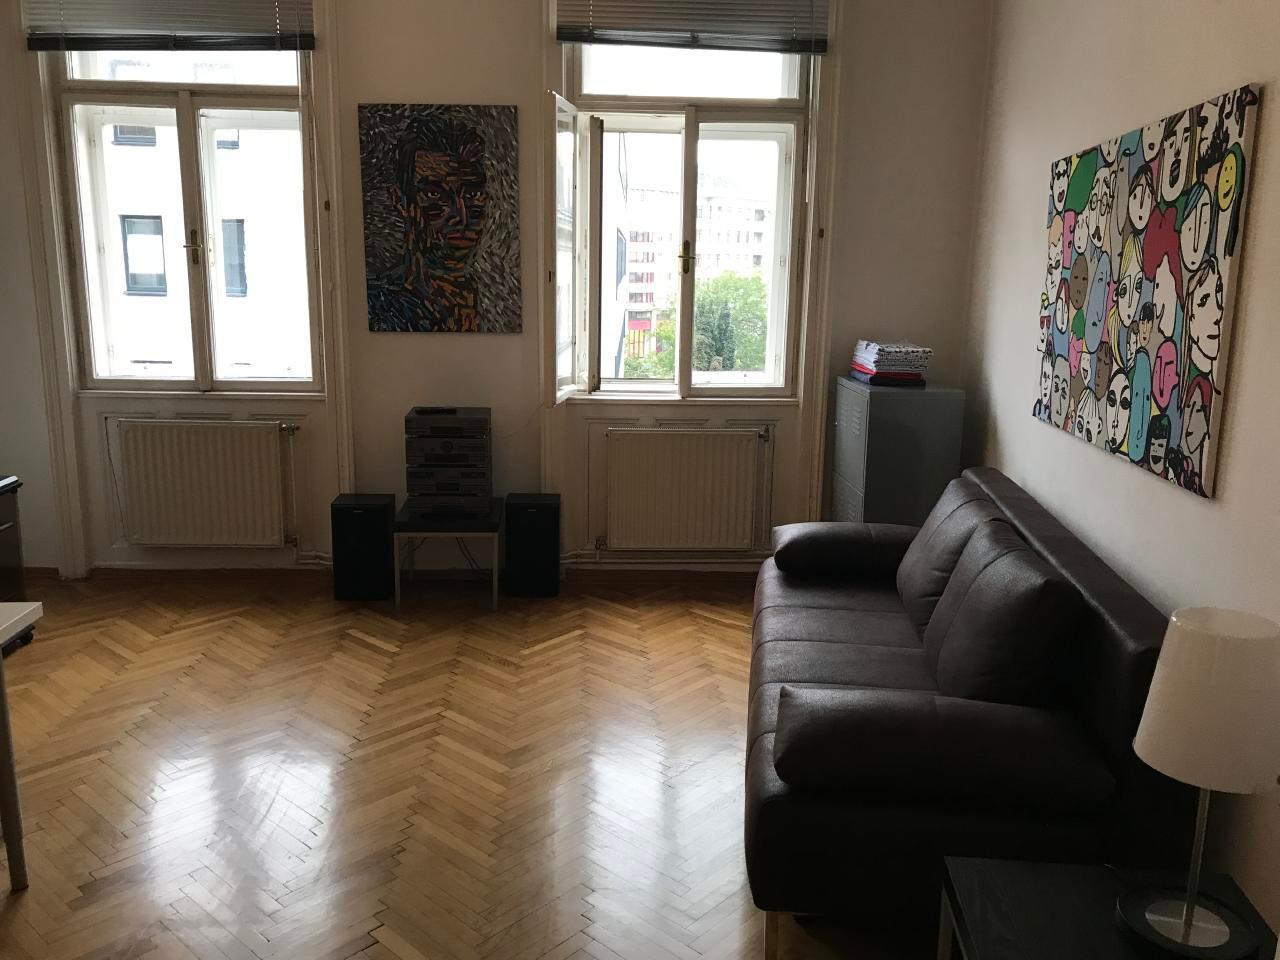 Appartement de vacances Ferienwohnung (359405), Vienne, , Vienne, Autriche, image 4